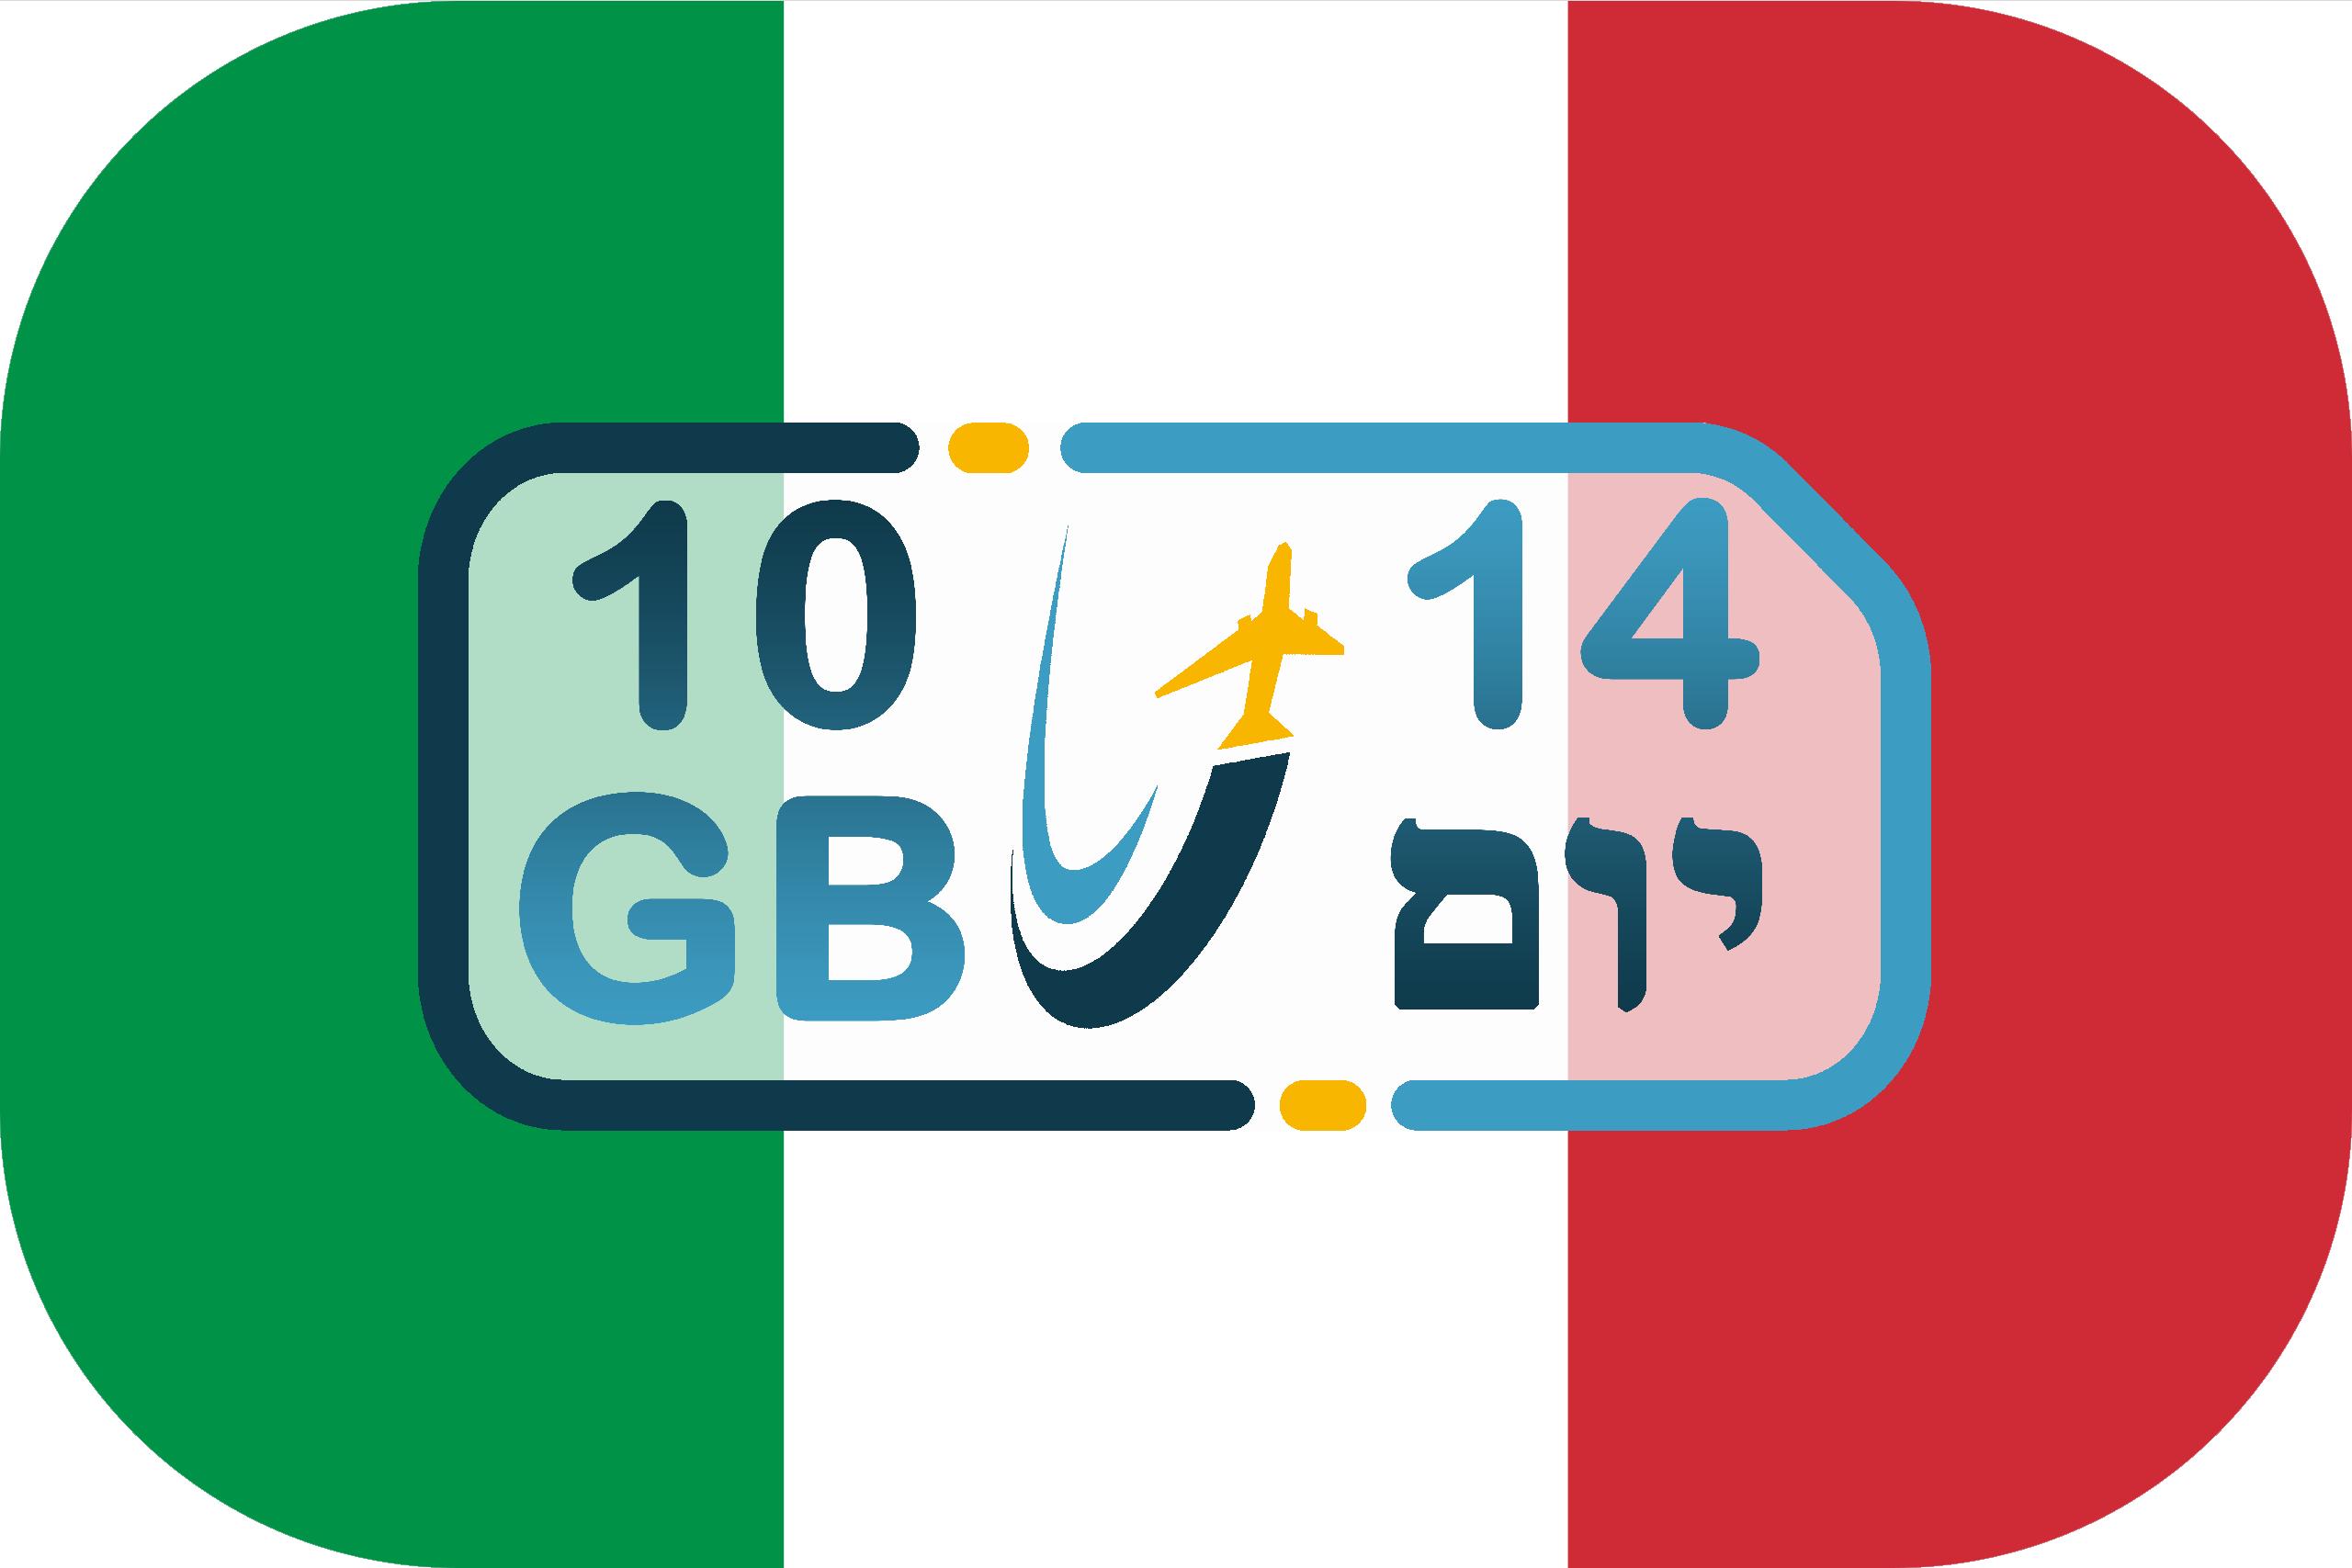 כרטיס סים באיטליה – 10GB (בתוקף ל- 14 יום)